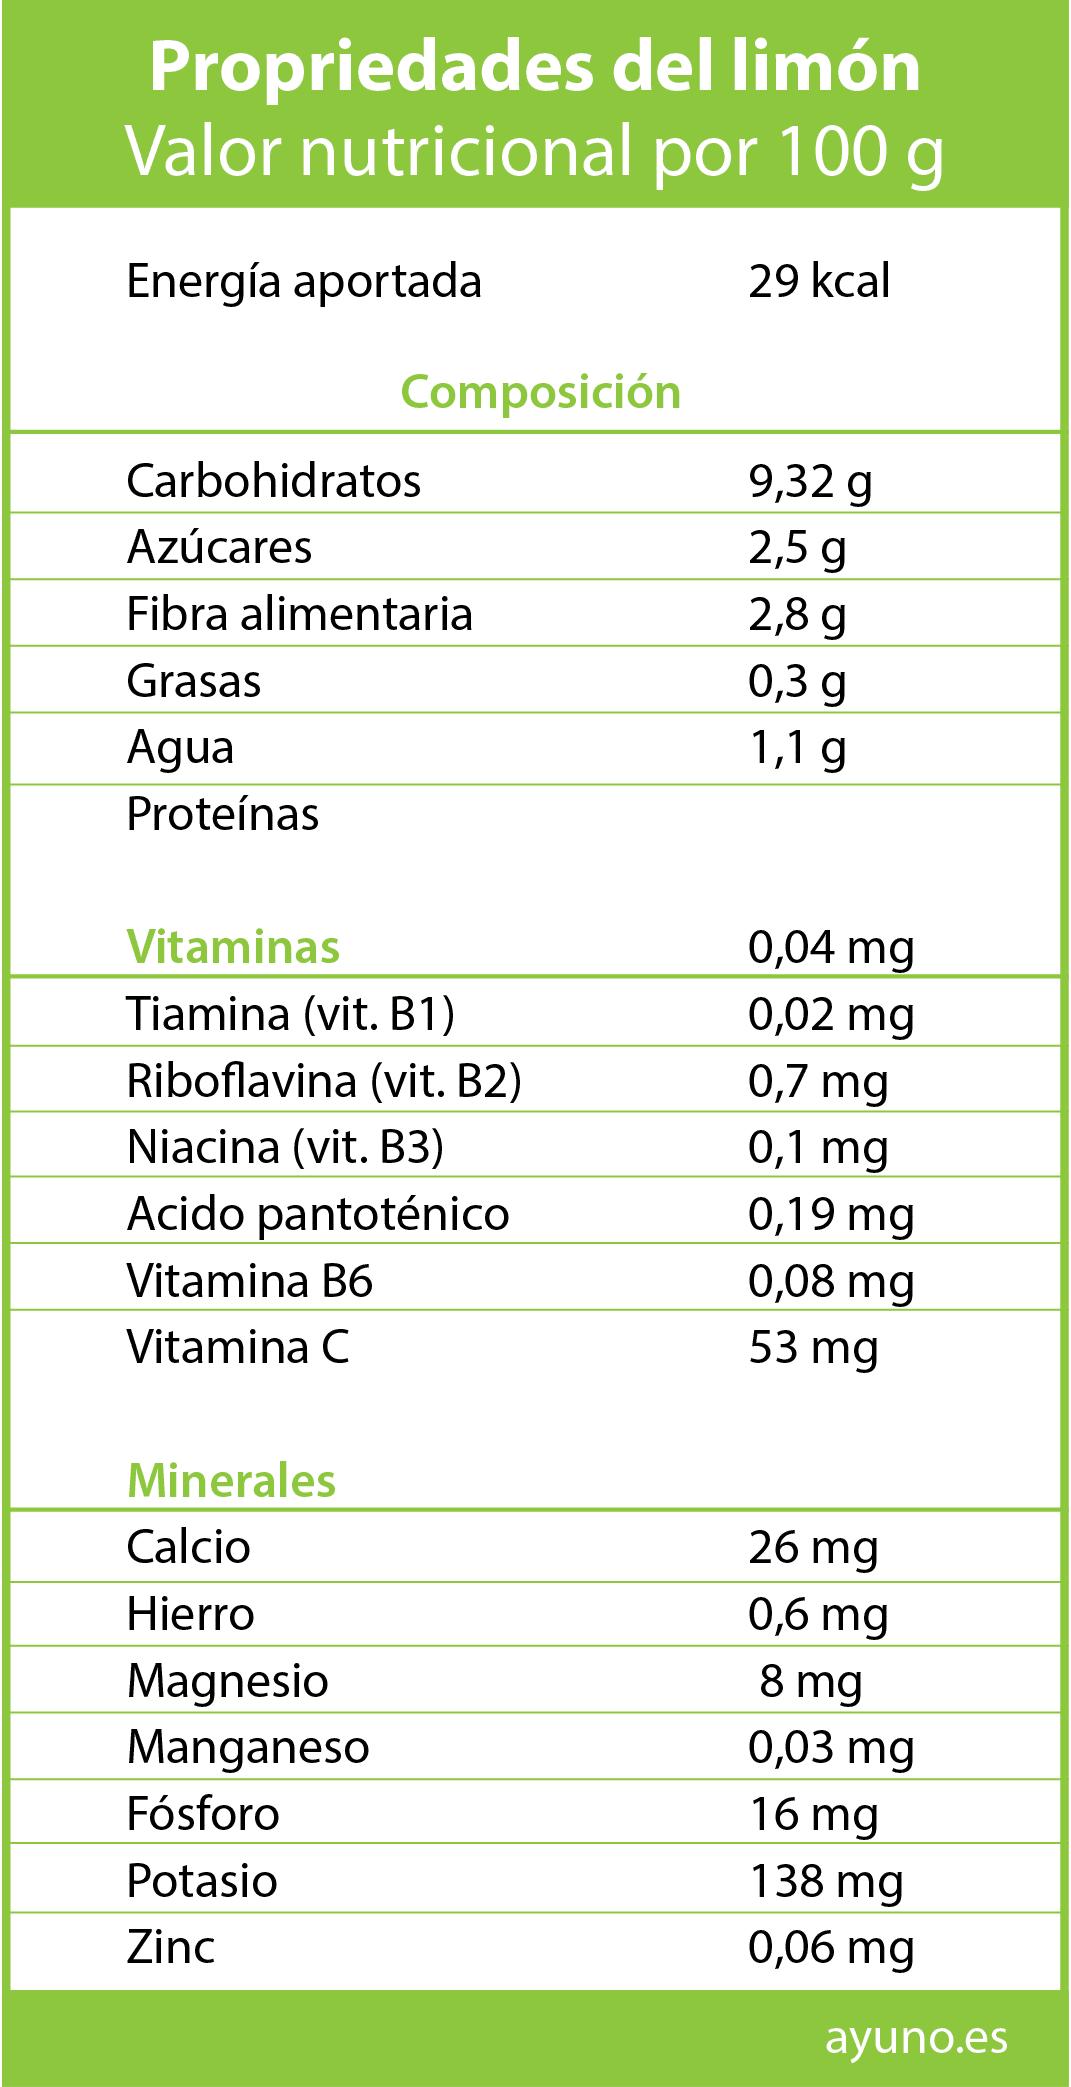 Valor nutricional del limón